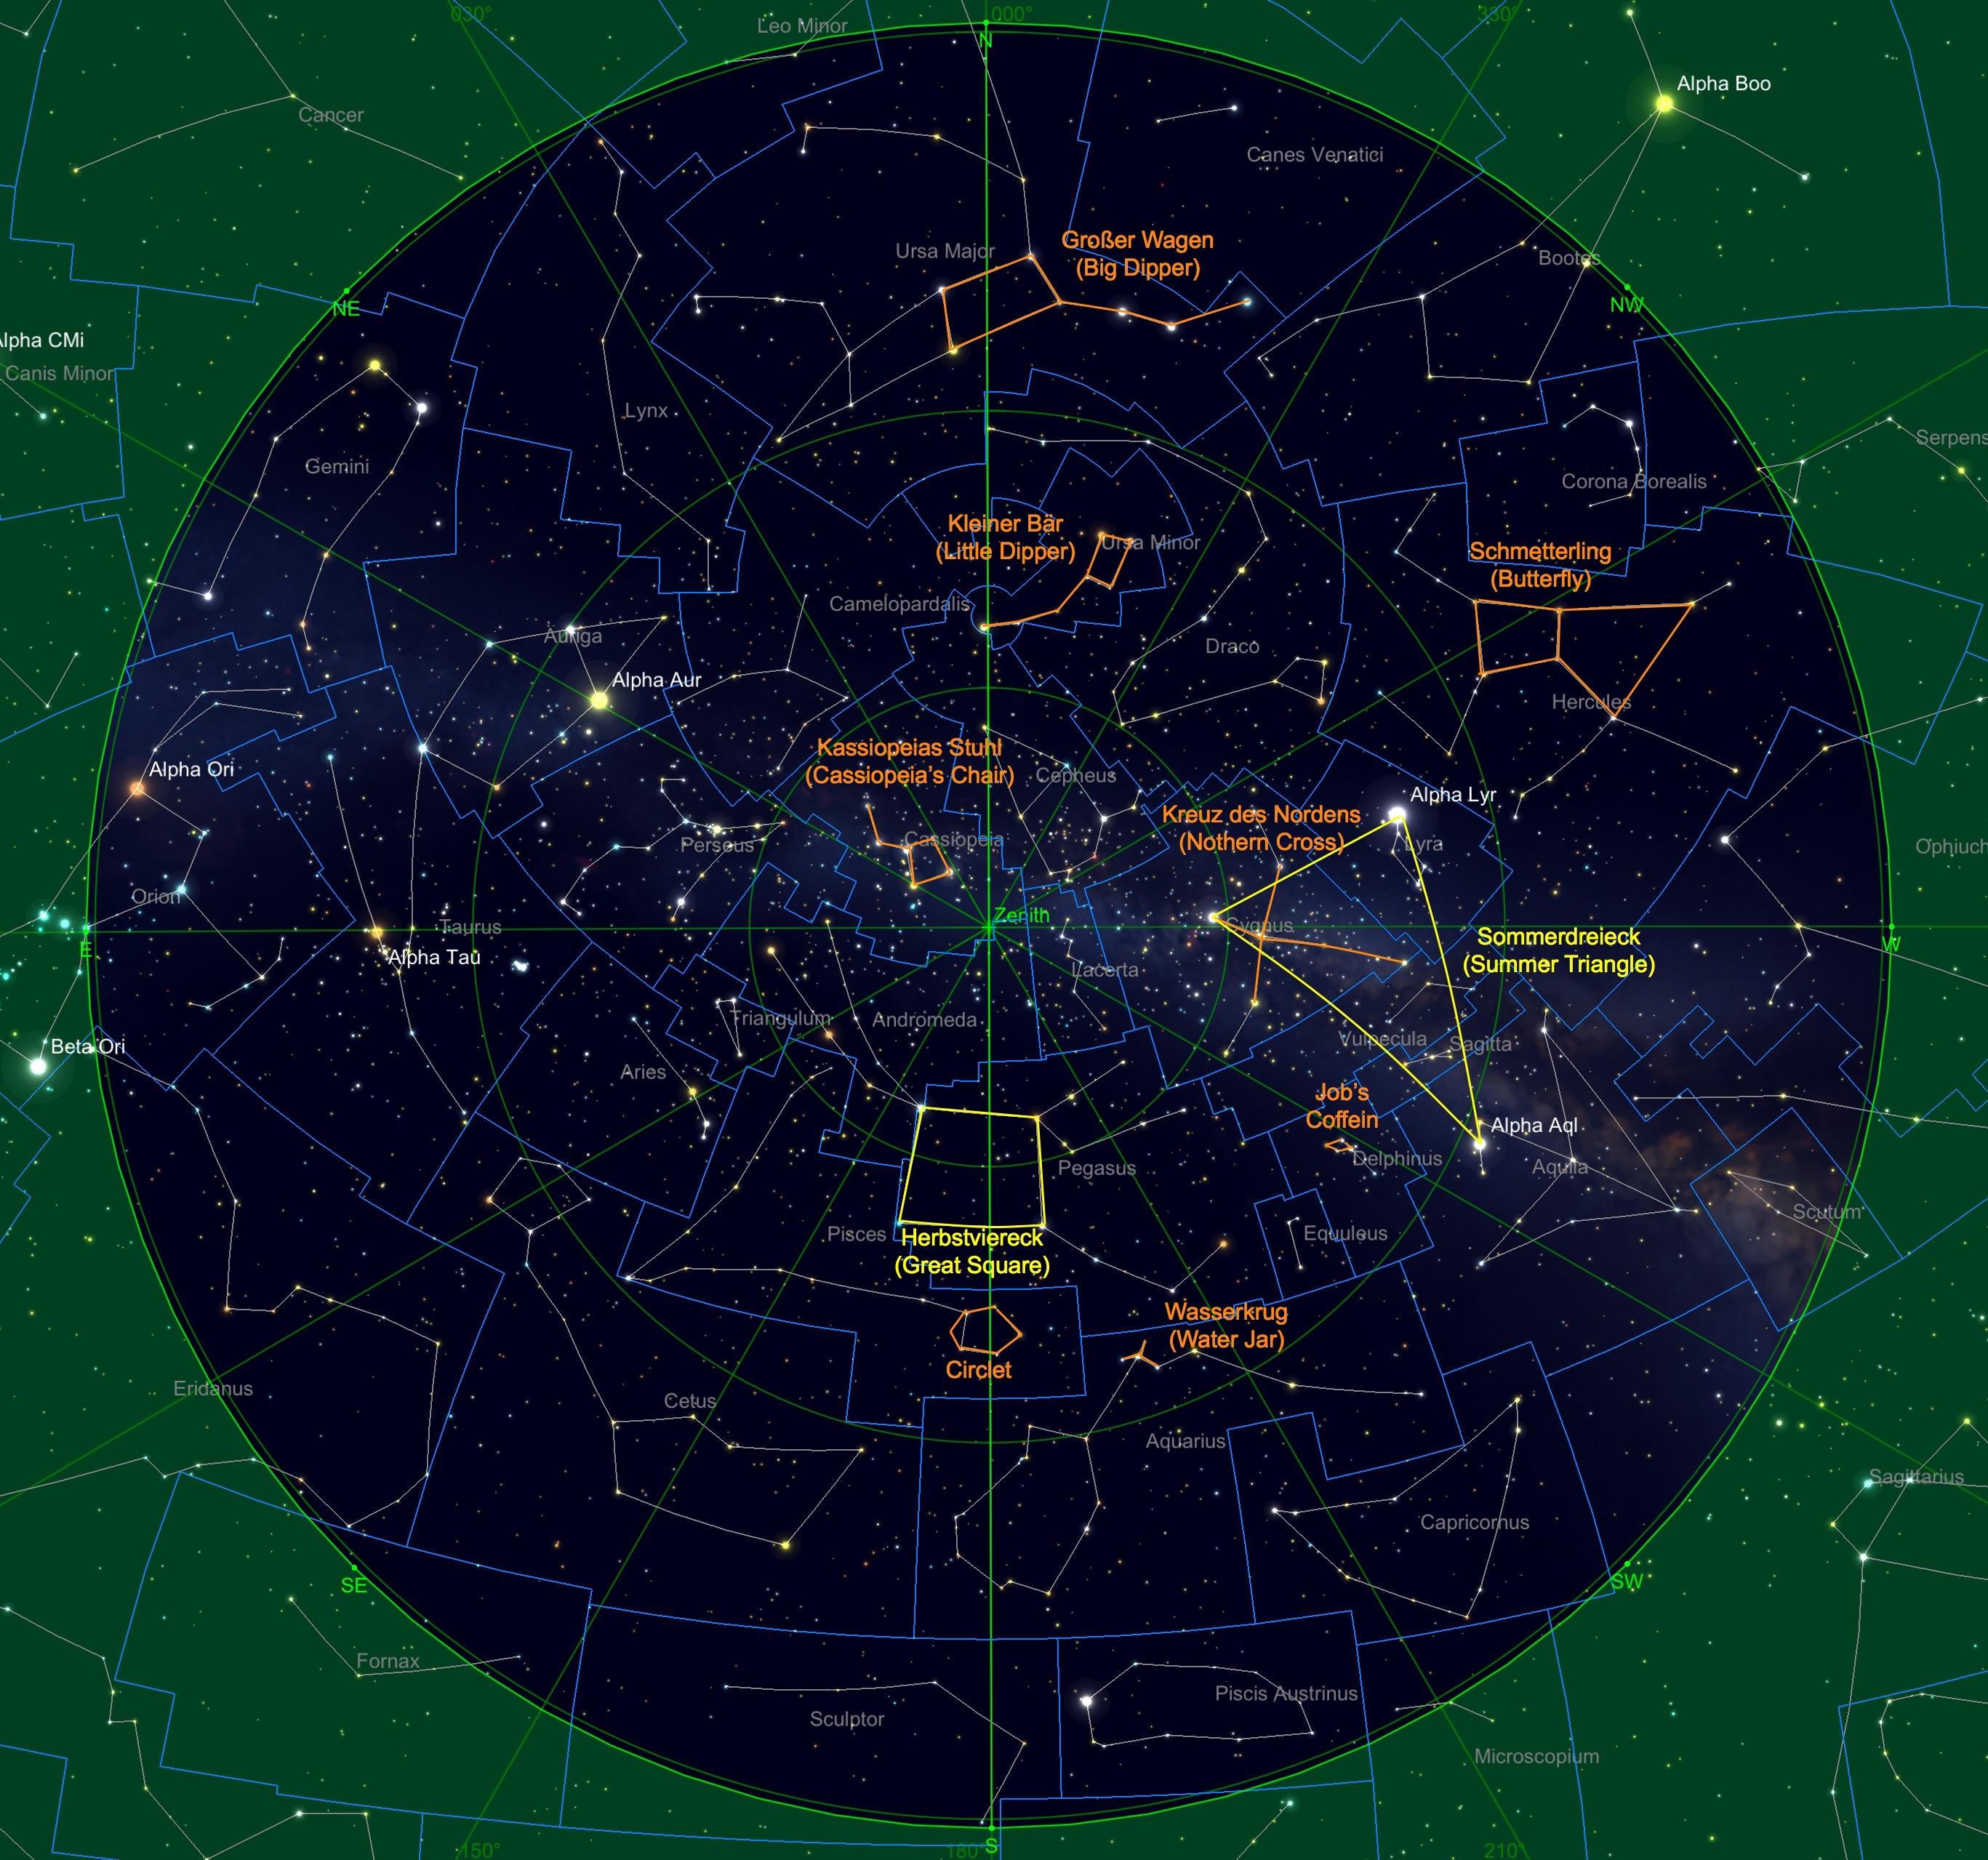 Sternhimmel am 15.10. um 23:00 Uhr